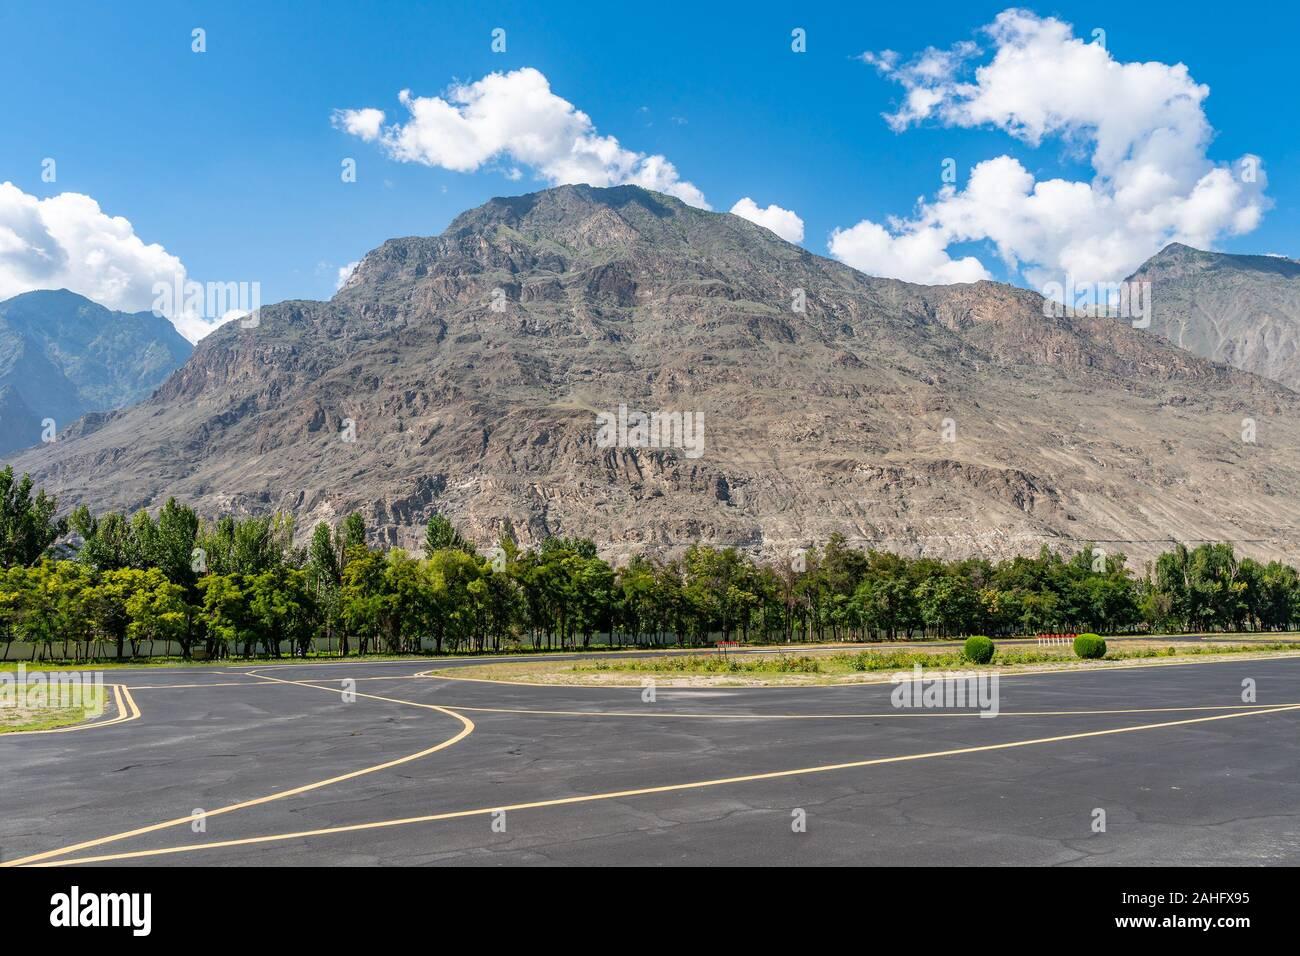 La pista de aterrizaje del Aeropuerto Doméstico de Gilgit vacía pintorescas vistas a la montaña en un día soleado cielo azul Foto de stock